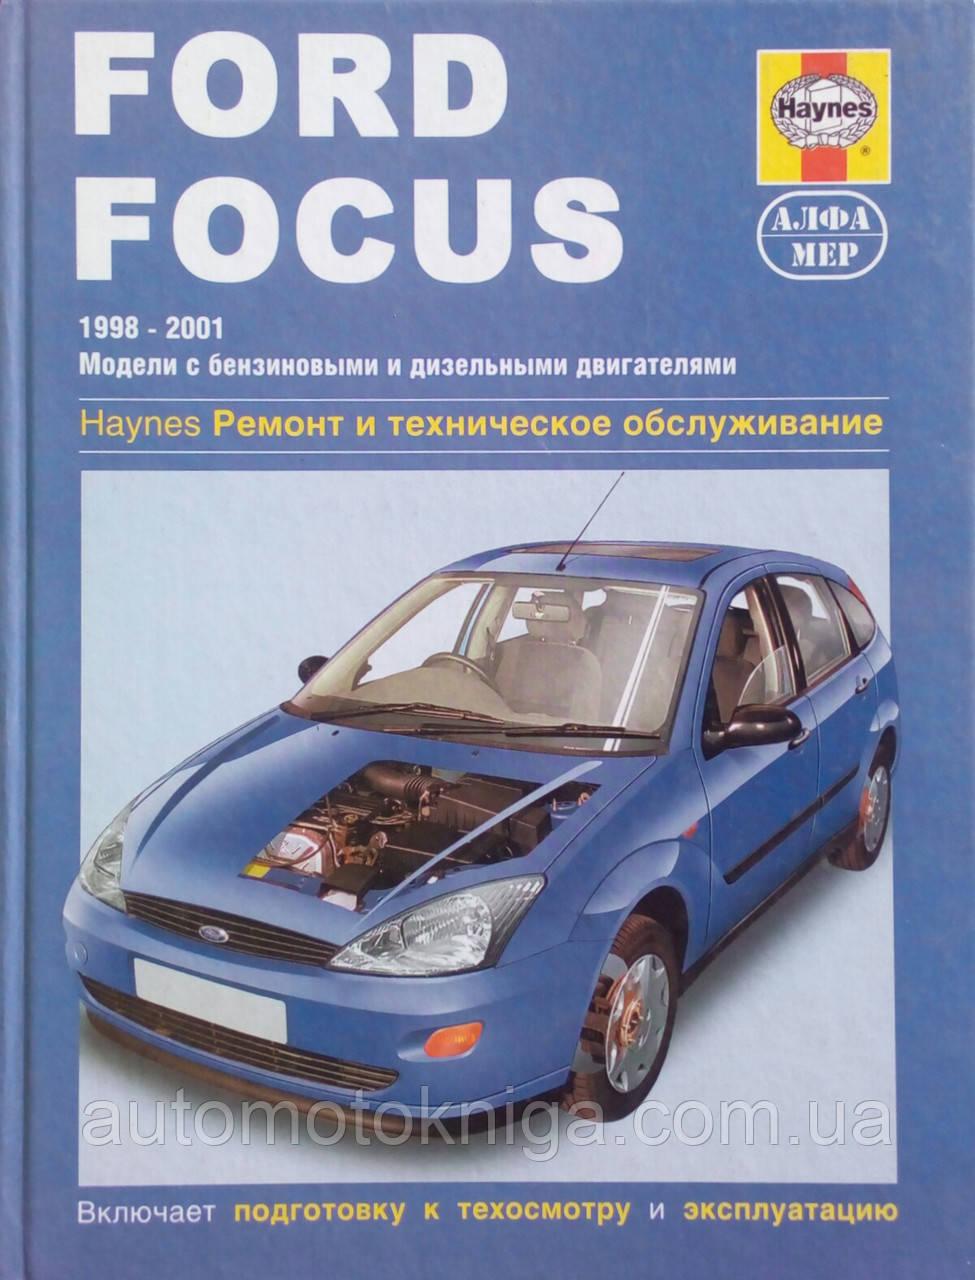 FORD FOCUS   Модели 1998-2001 гг.  Haynes Ремонт и техническое обслуживание